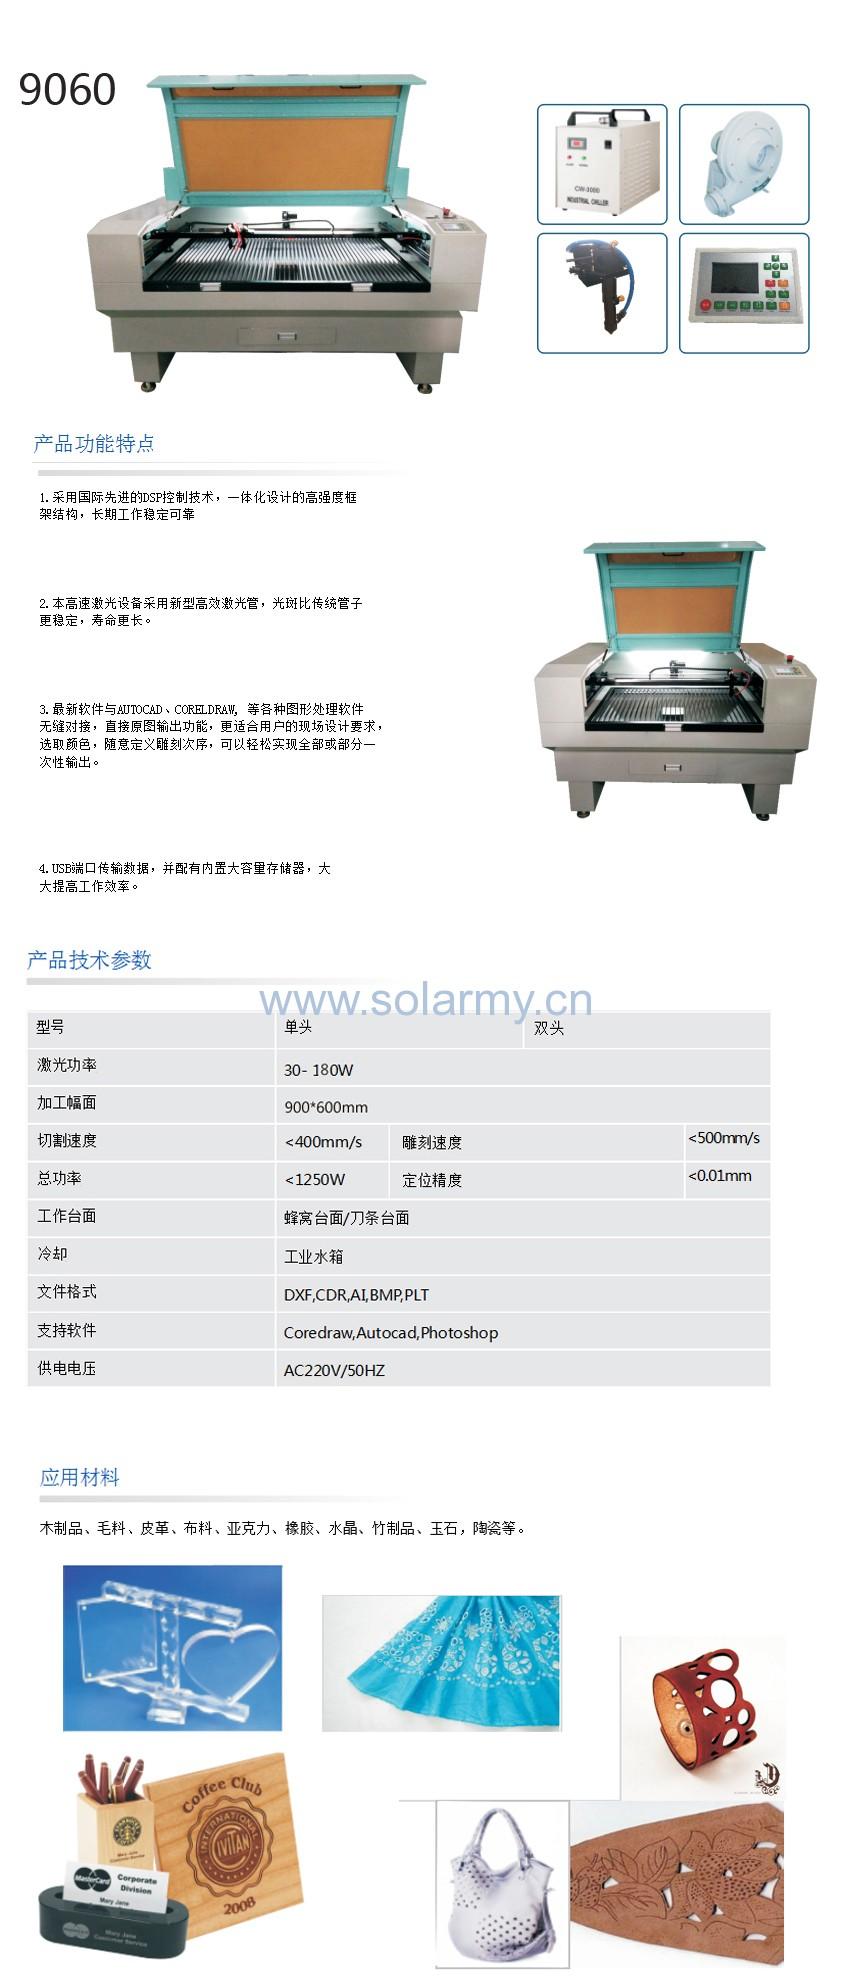 9060中文.jpg